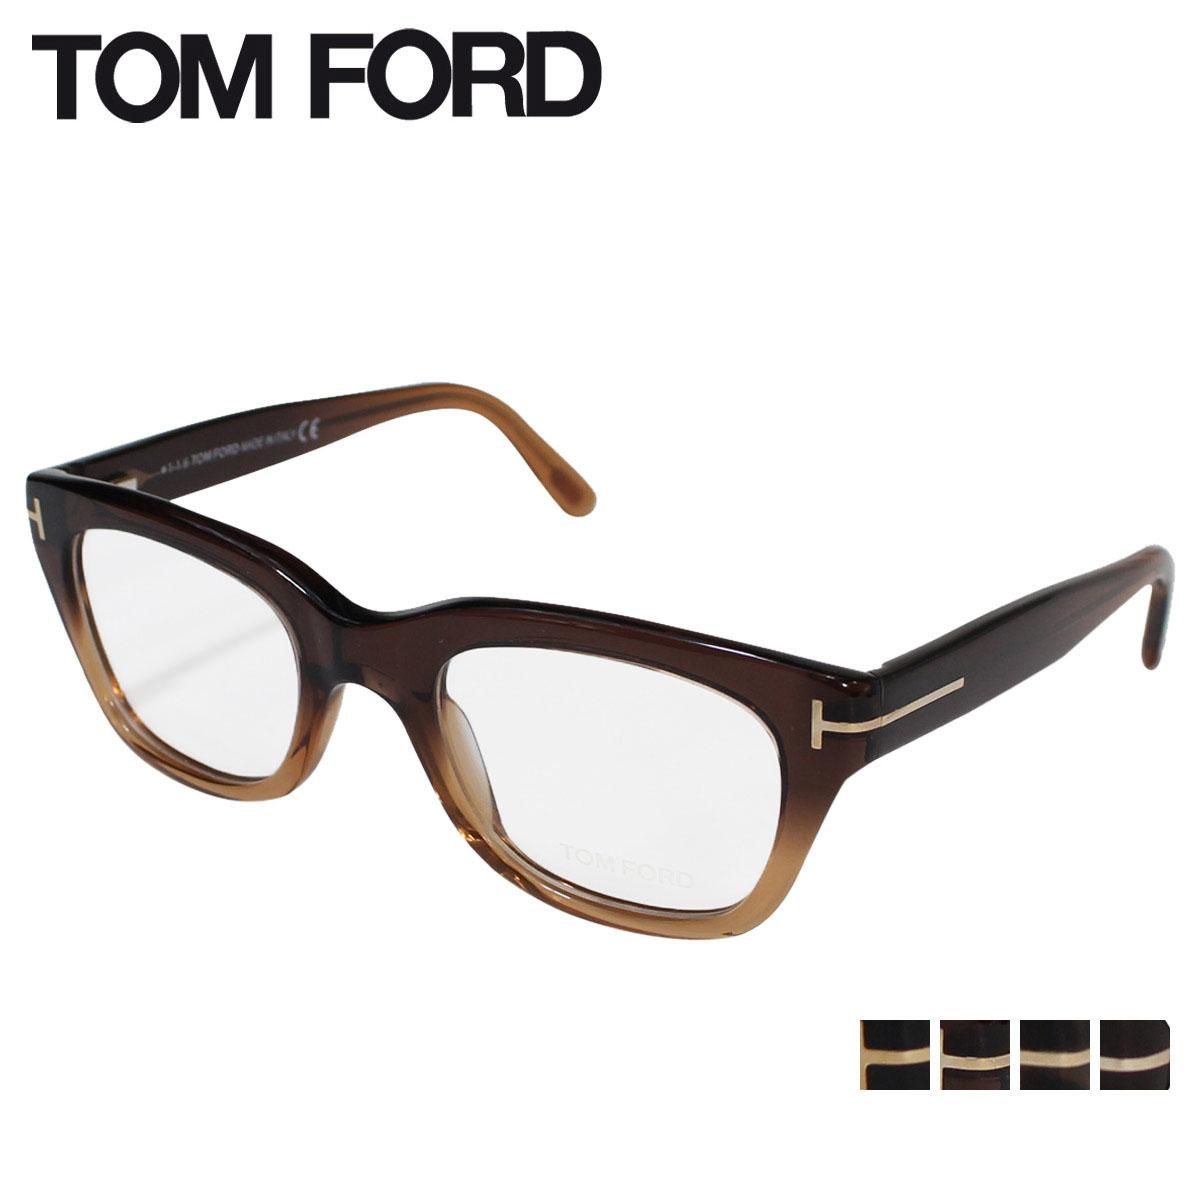 TOM FORD ACETATE FRAMES トムフォード サングラス メンズ レディース アイウェア イタリア製 ブラック ブラウン 黒 FT5178